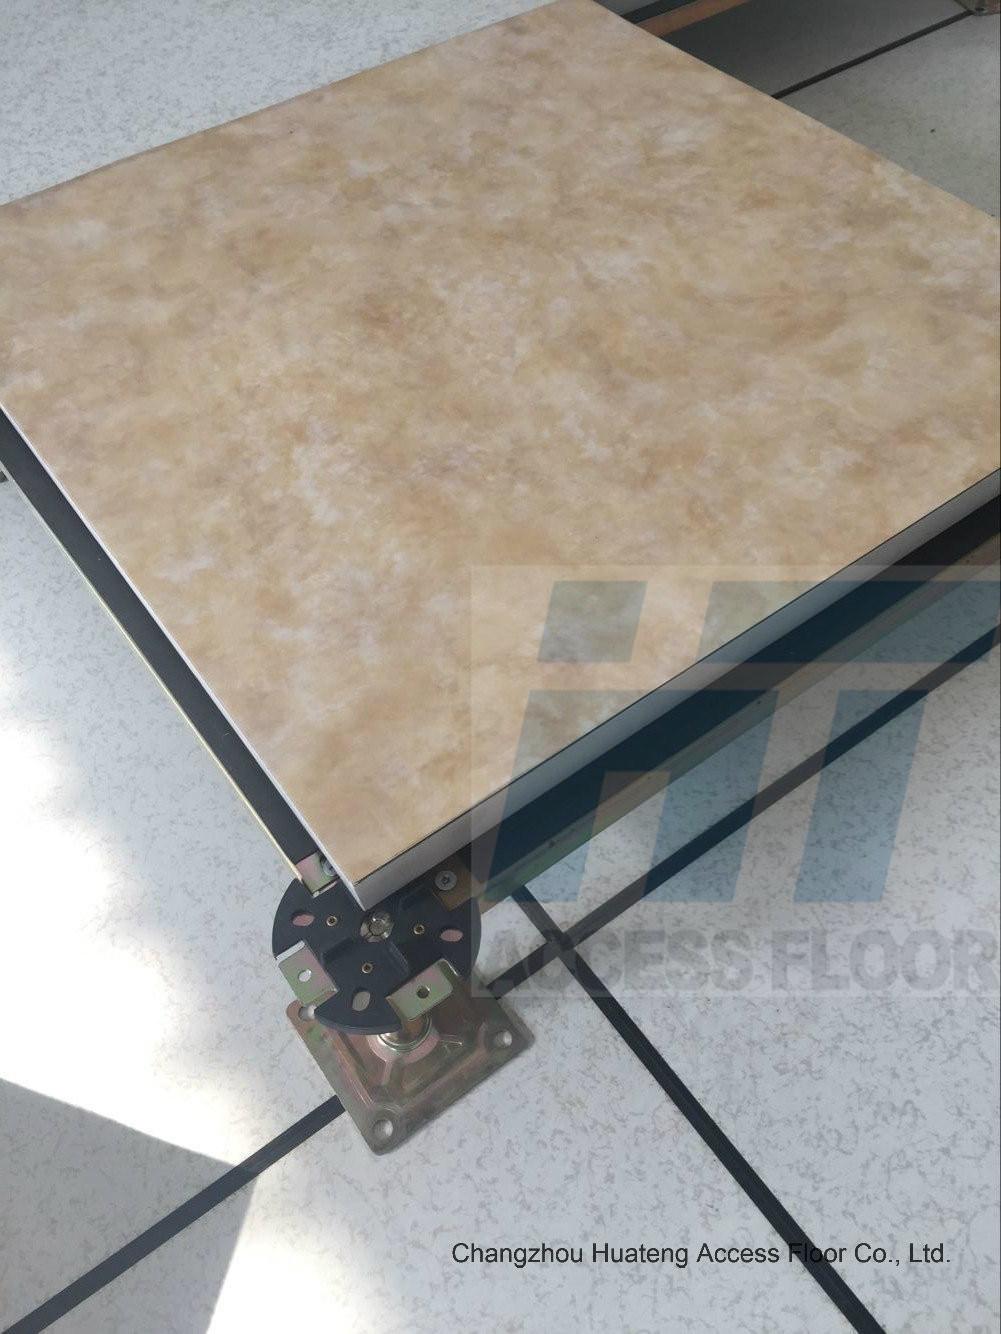 Calcium Sulphate Raised Access Flooring